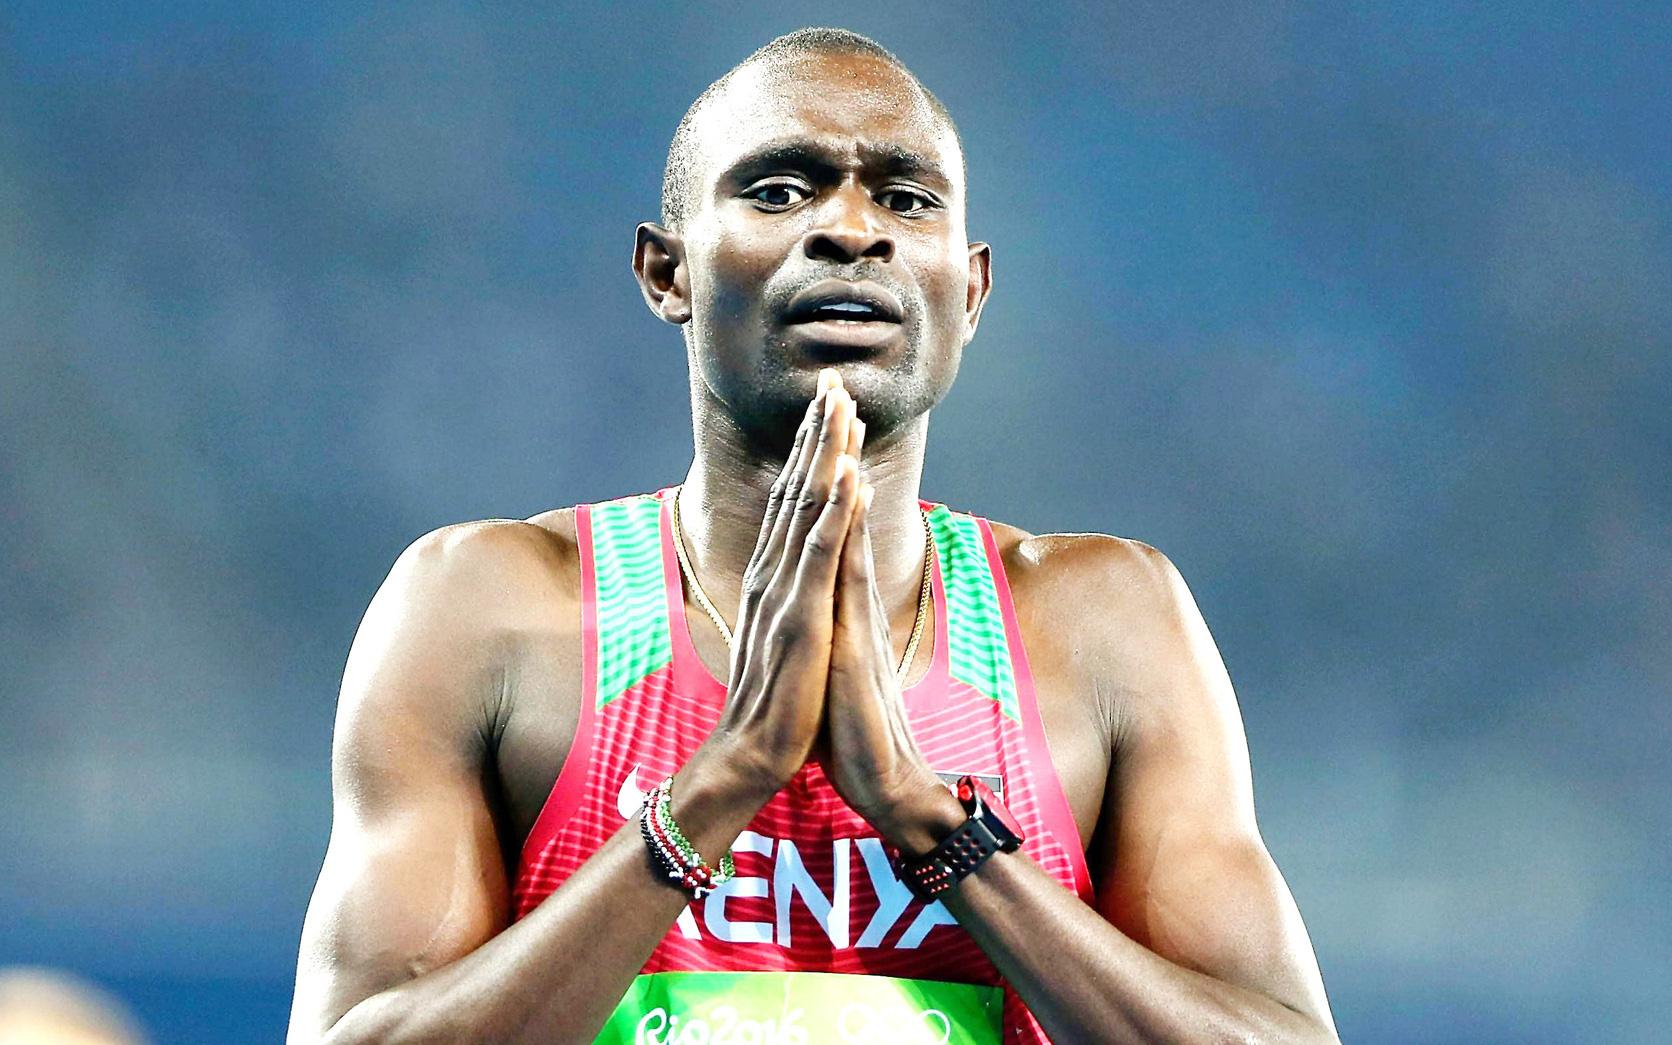 Suýt mất mạng, cha qua đời, vợ ly thân và giờ là hoãn Olympic, lối thoát nào cho nhà vô địch David Rudisha?